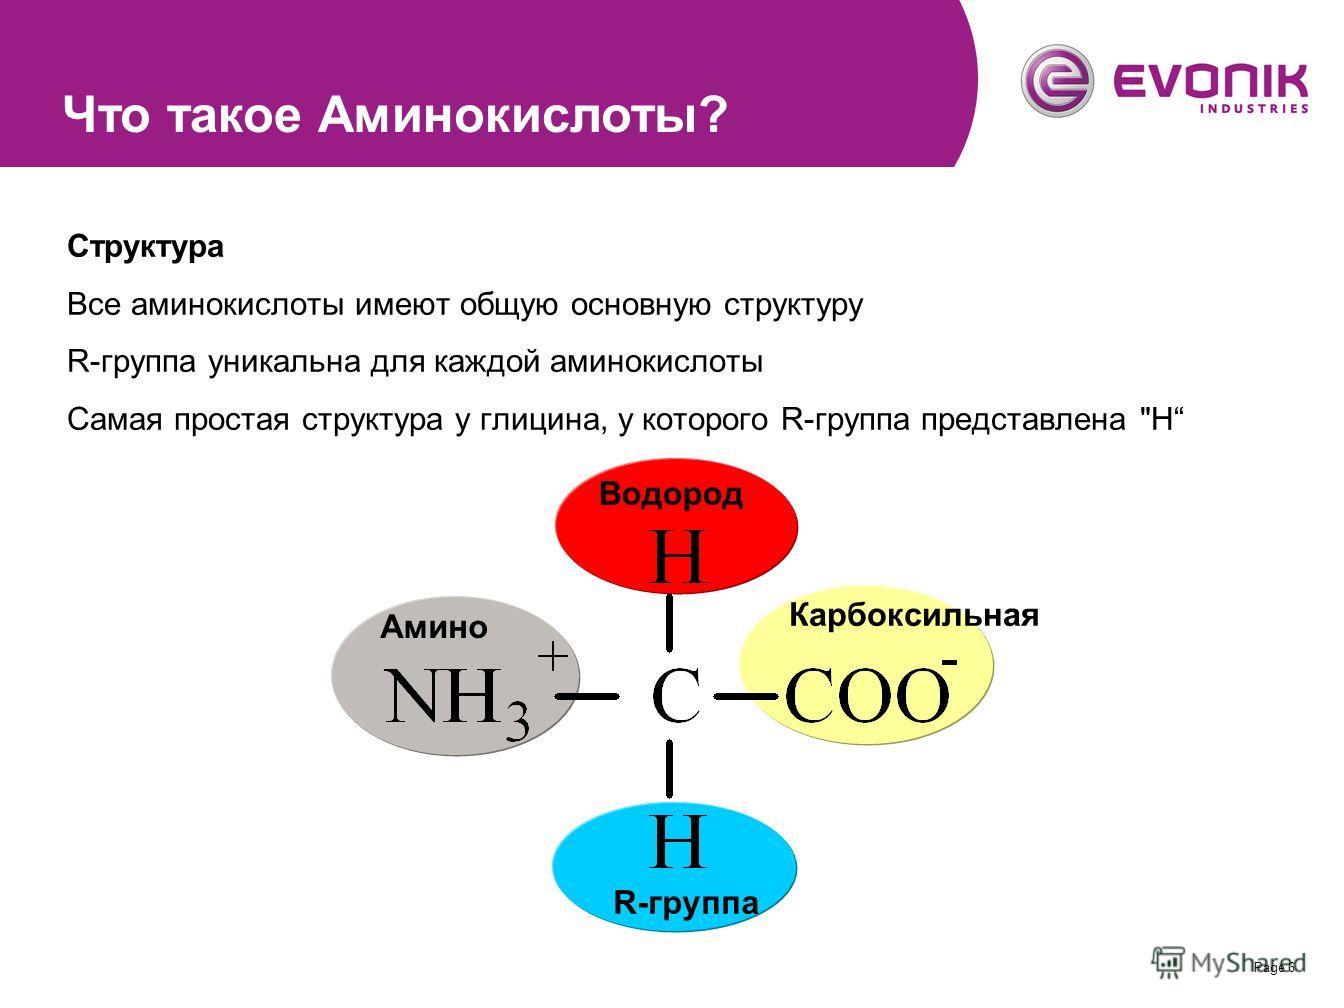 Page 6 Структура Все аминокислоты имеют общую основную структуру R-группа уникальна для каждой аминокислоты Самая простая структура у глицина, у которого R-группа представлена H Амино Водород Карбоксильная R-группа Что такое Аминокислоты?